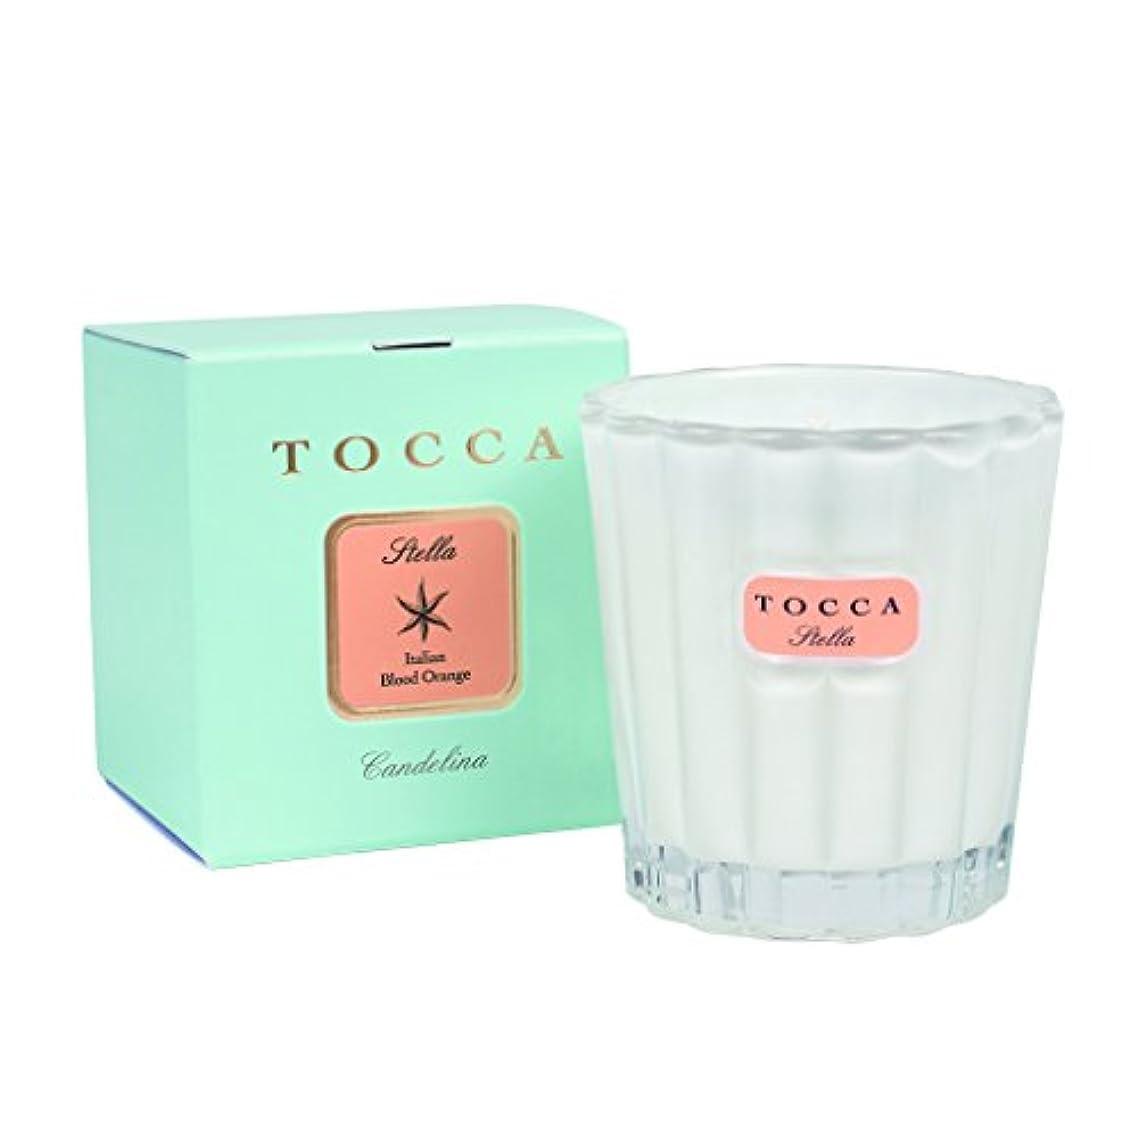 名声限界圧倒的トッカ(TOCCA) キャンデリーナ ステラ 88g (キャンドル ろうそく シトラス系でありながらほんのり甘く苦味を感じることのないさわやかな香り)